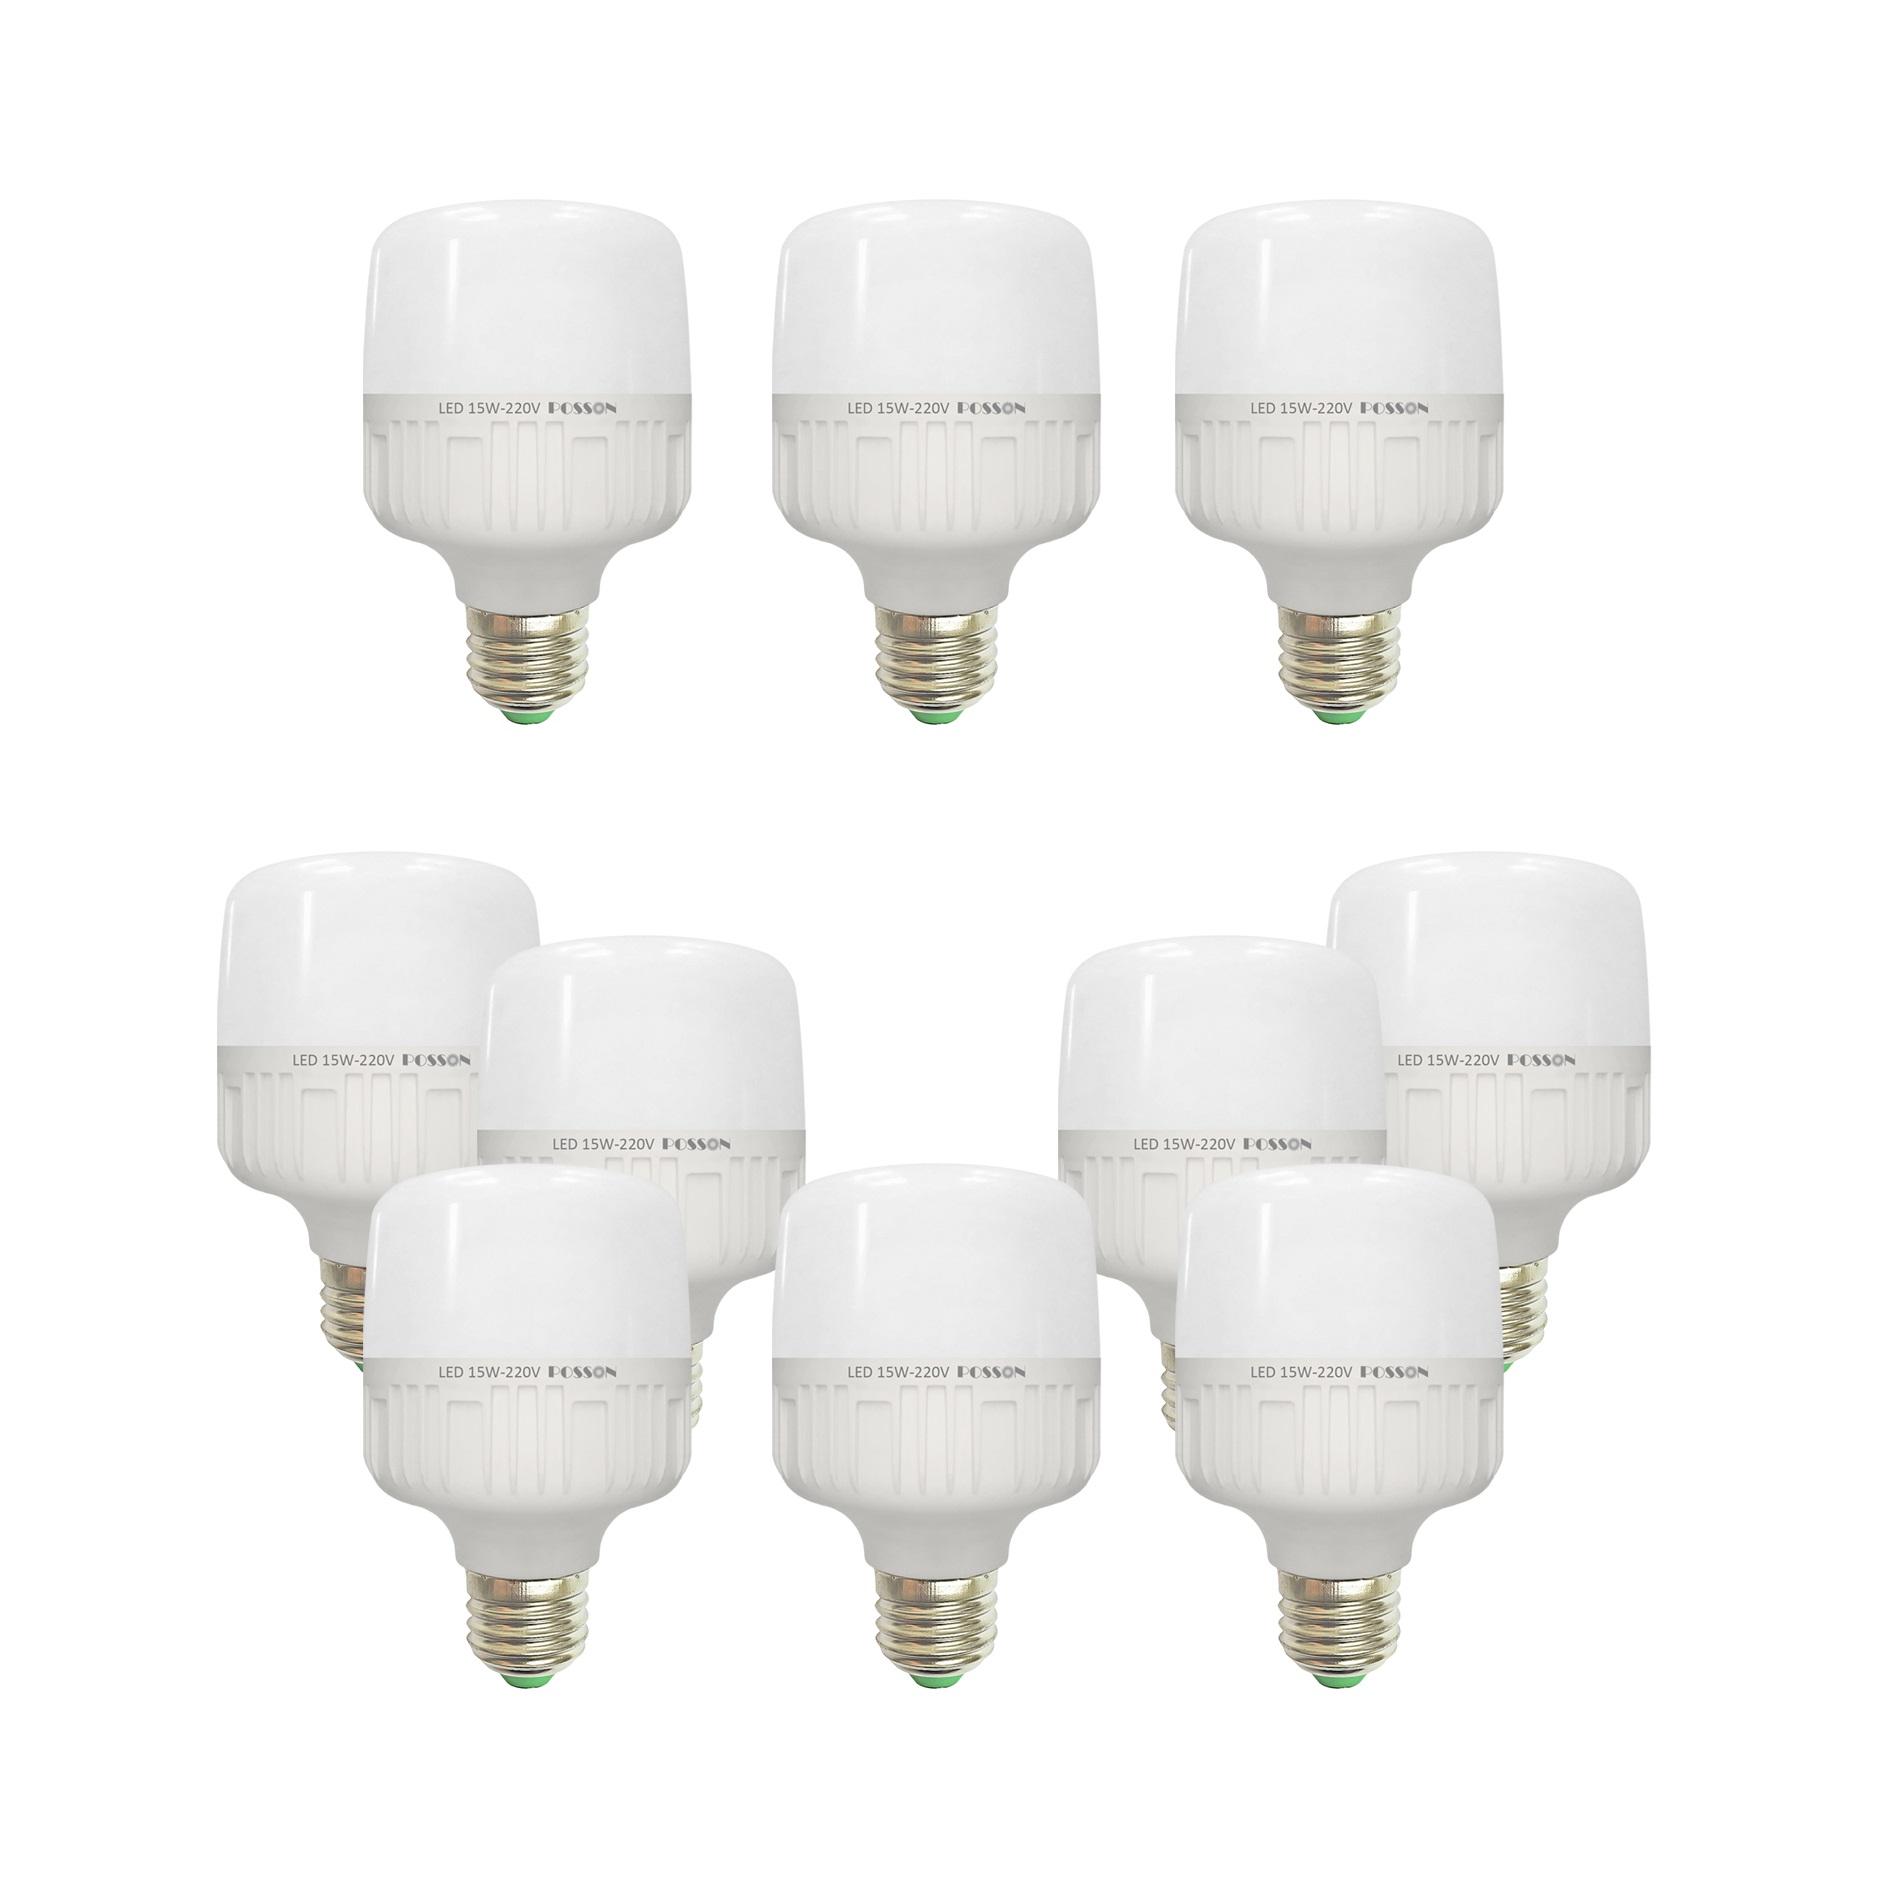 10 Bóng đèn Led trụ 15w siêu sáng tiết kiệm điện kín chống nước Posson LC-H15x